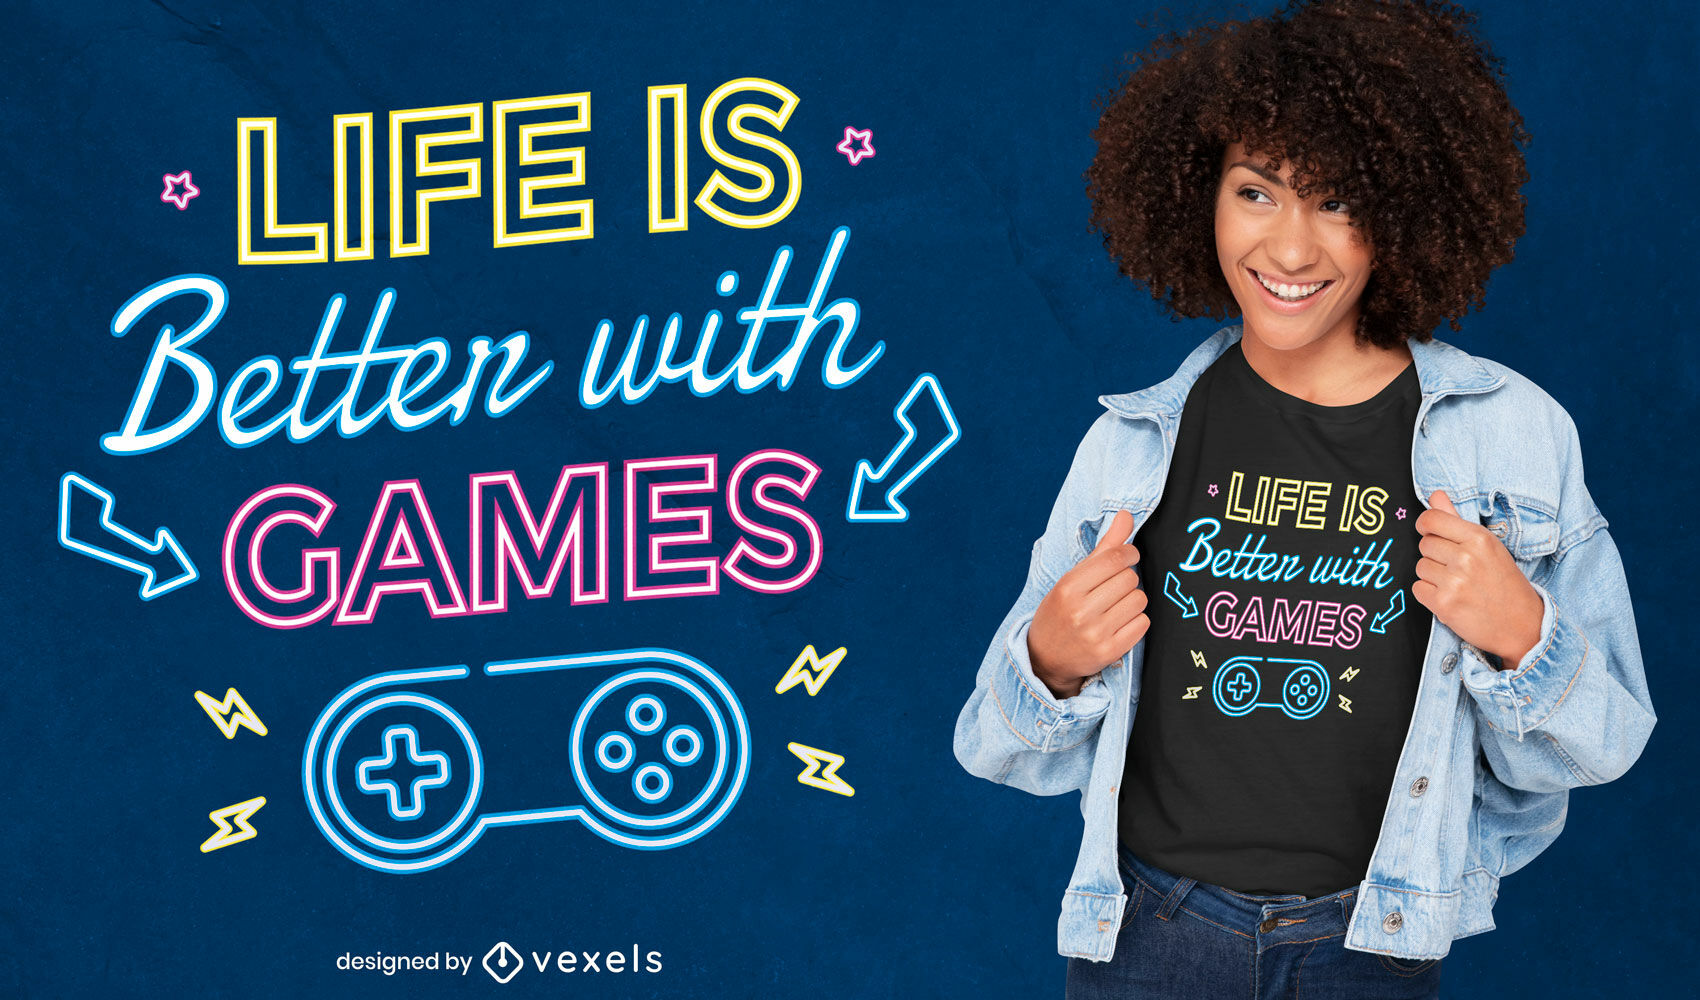 La vida es mejor diseño de camiseta de juegos.